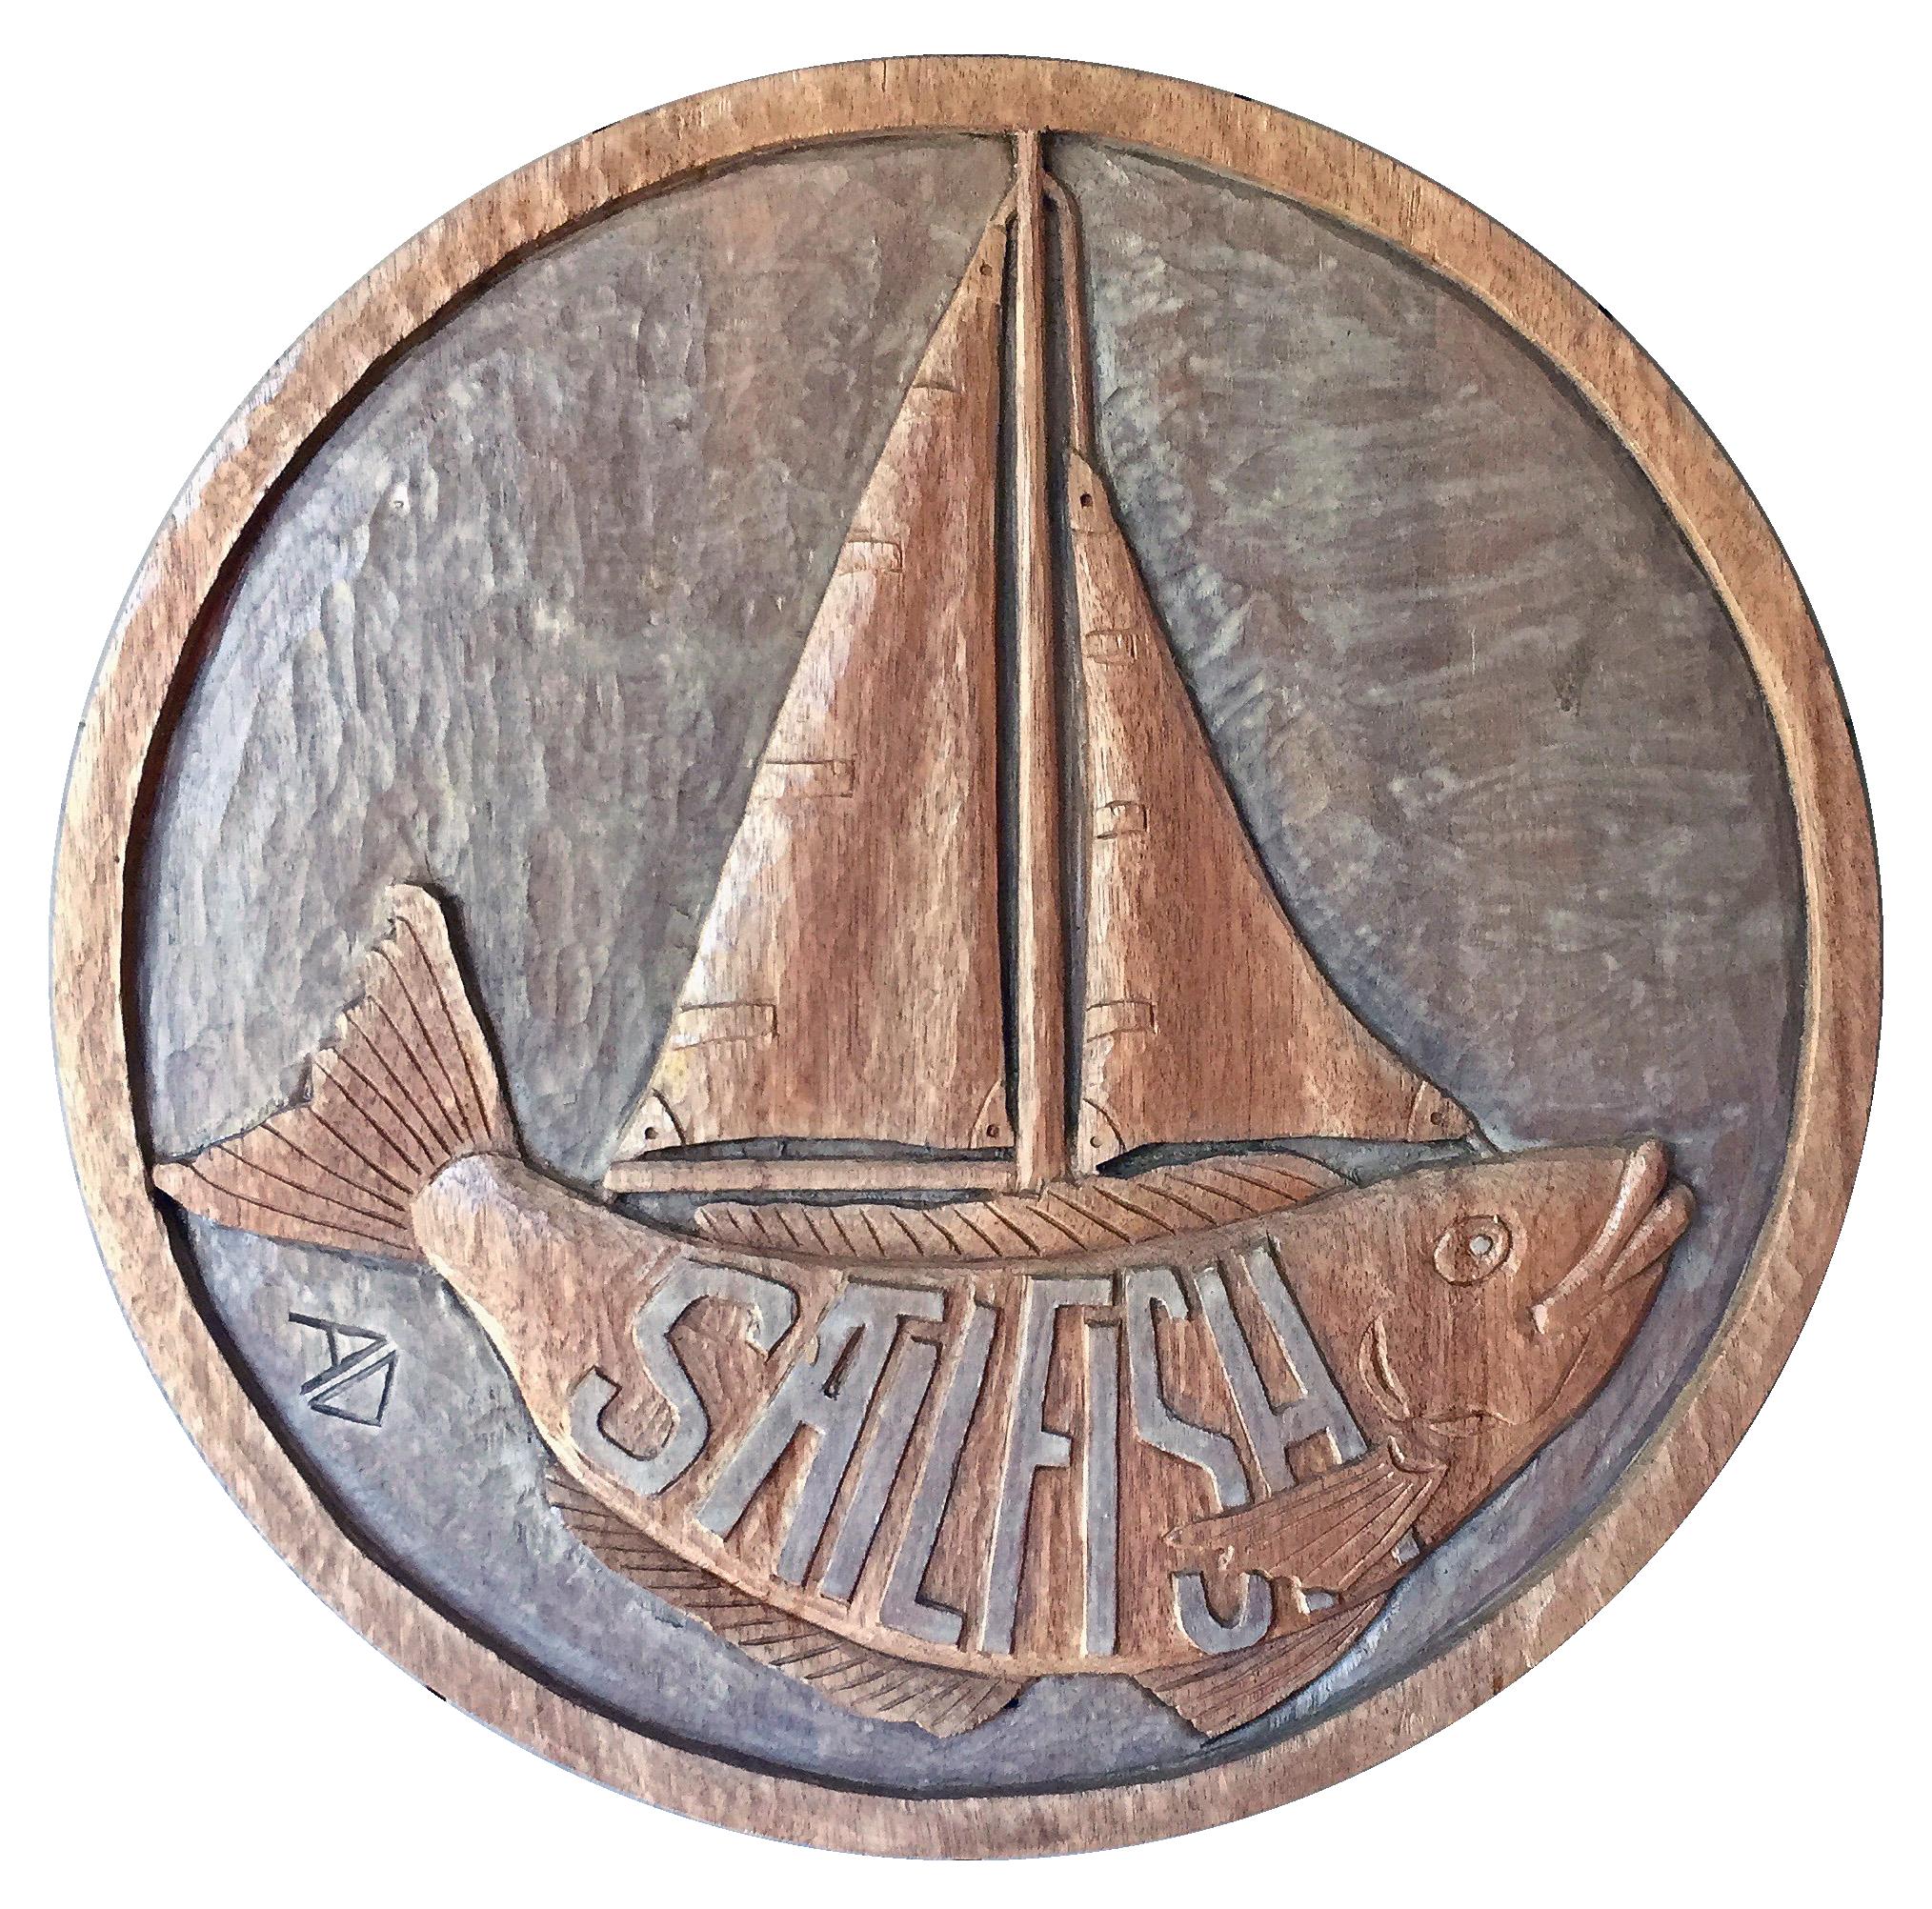 sailfish retreat logo